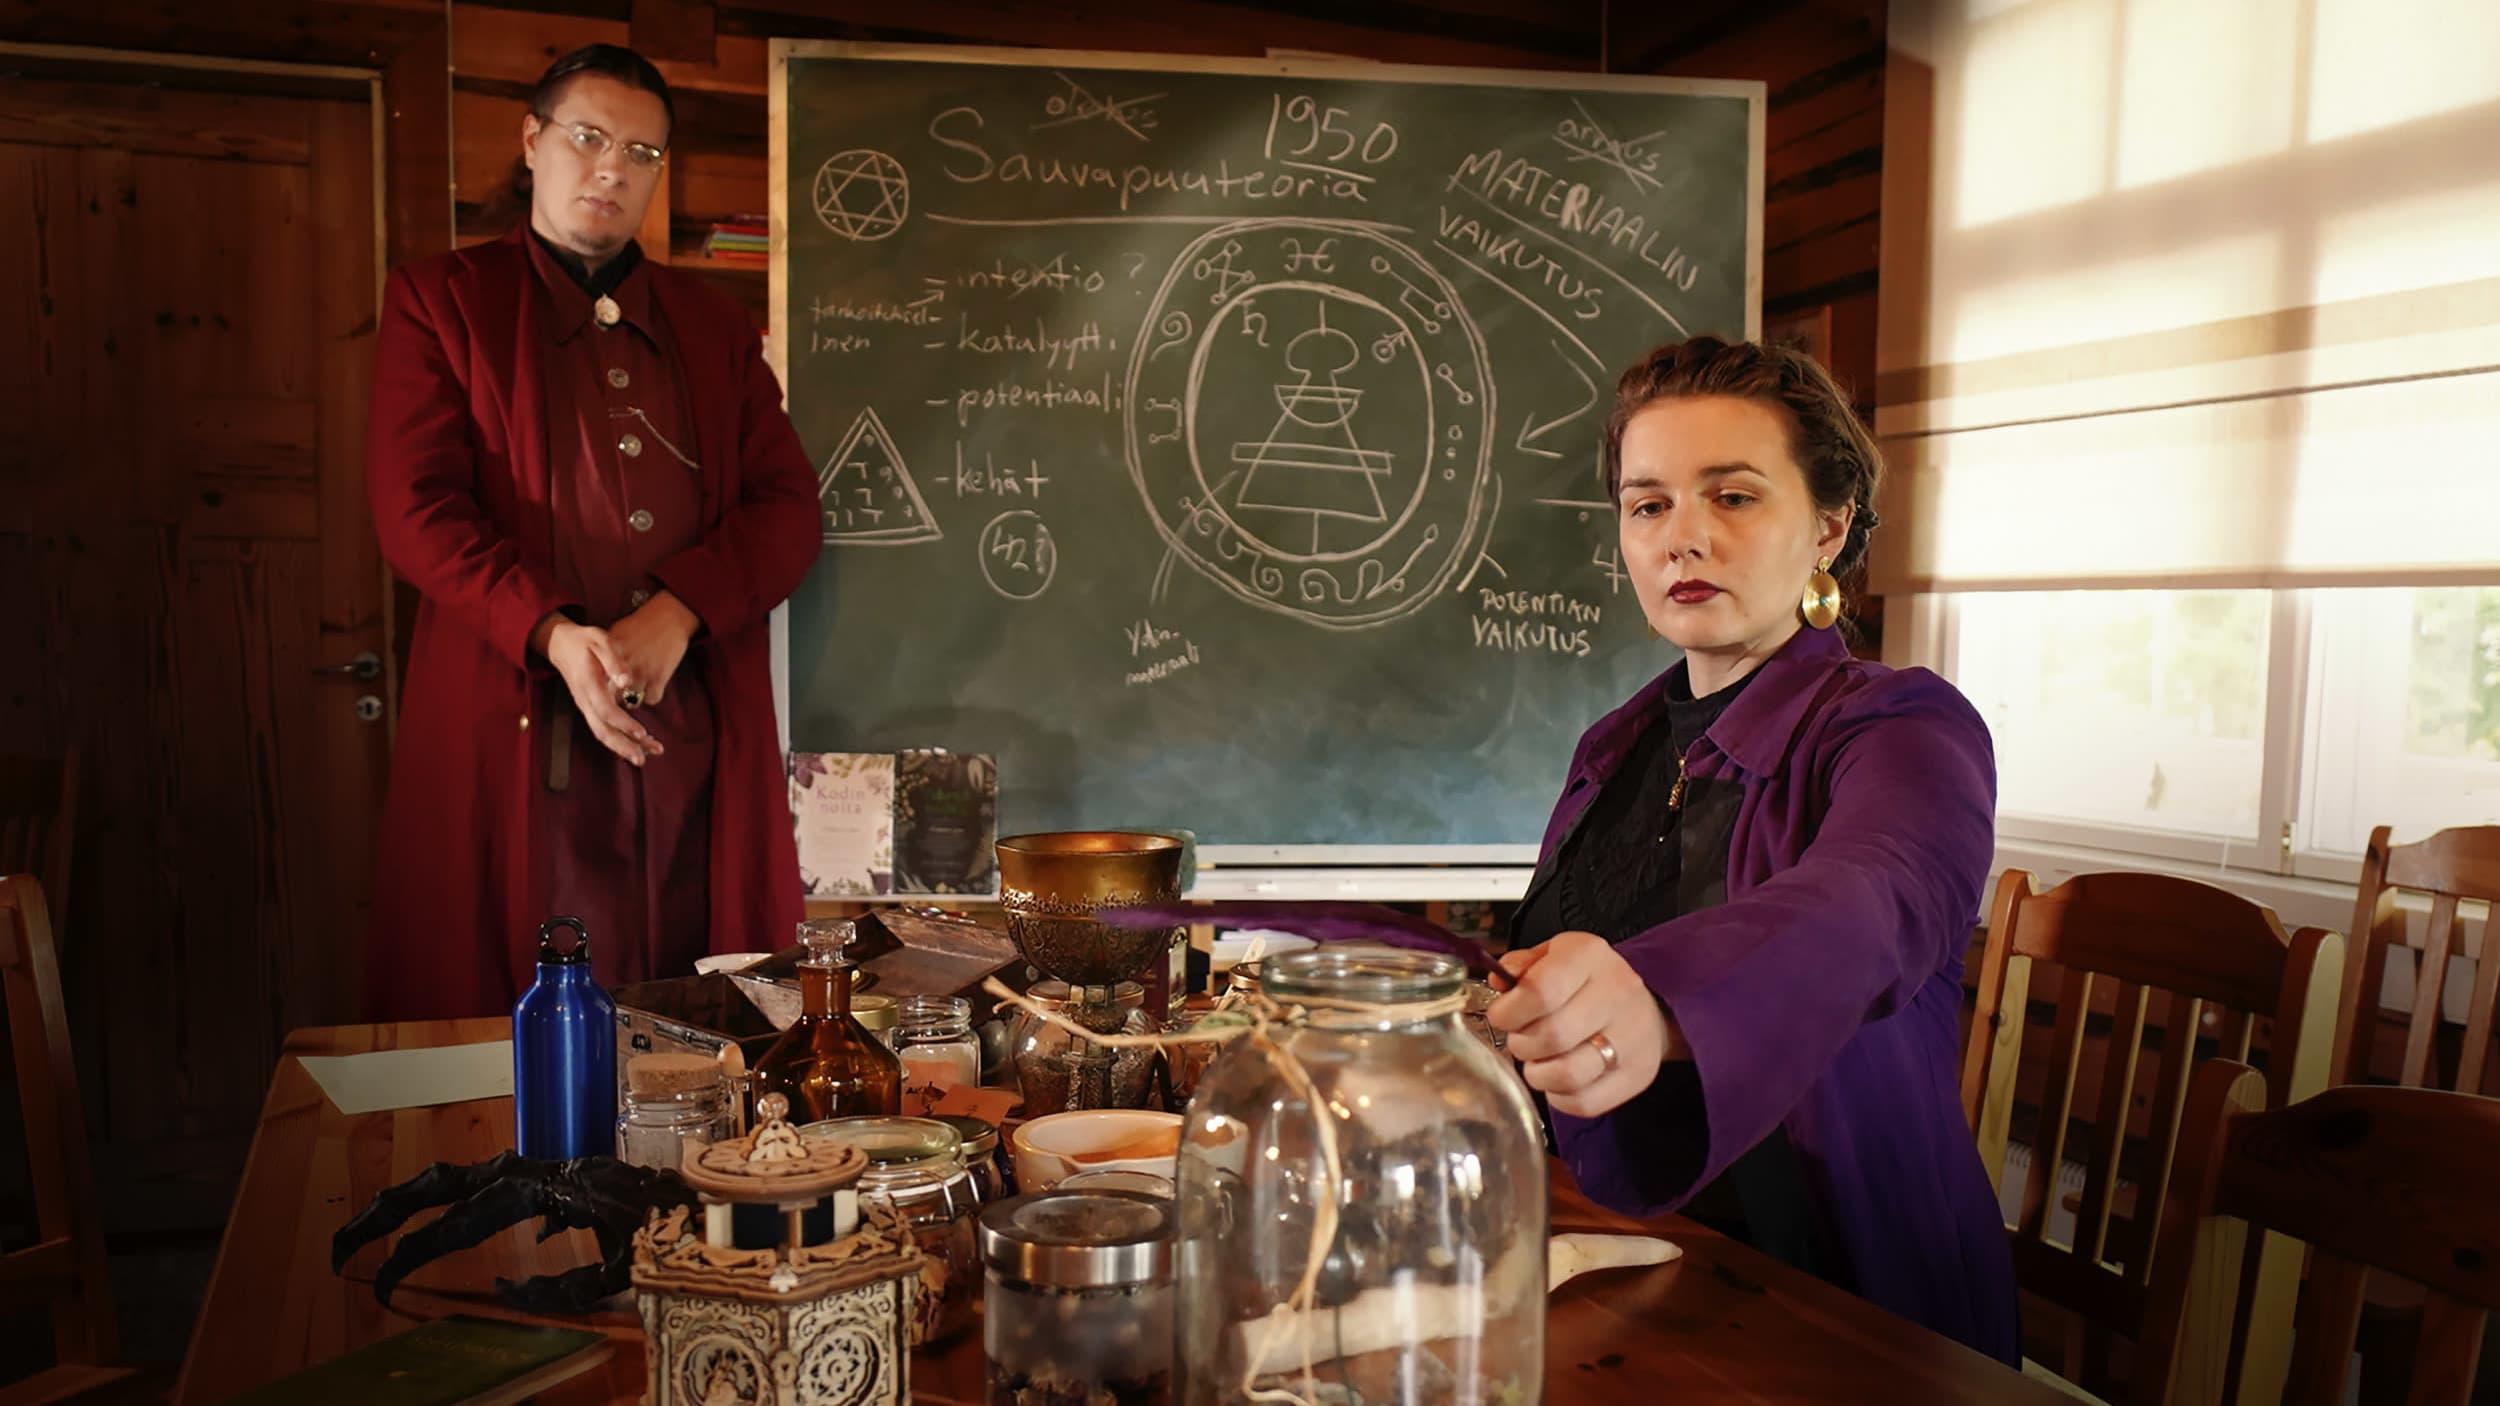 Janina Kahela istuu pöydän ääressä, joka on täynnä taikakoulularin rekvisiitta. Ville Miettinen seisoo taustalla liitutaulun vieressä. He ovat pukeutuneet rooliasuihinsa.